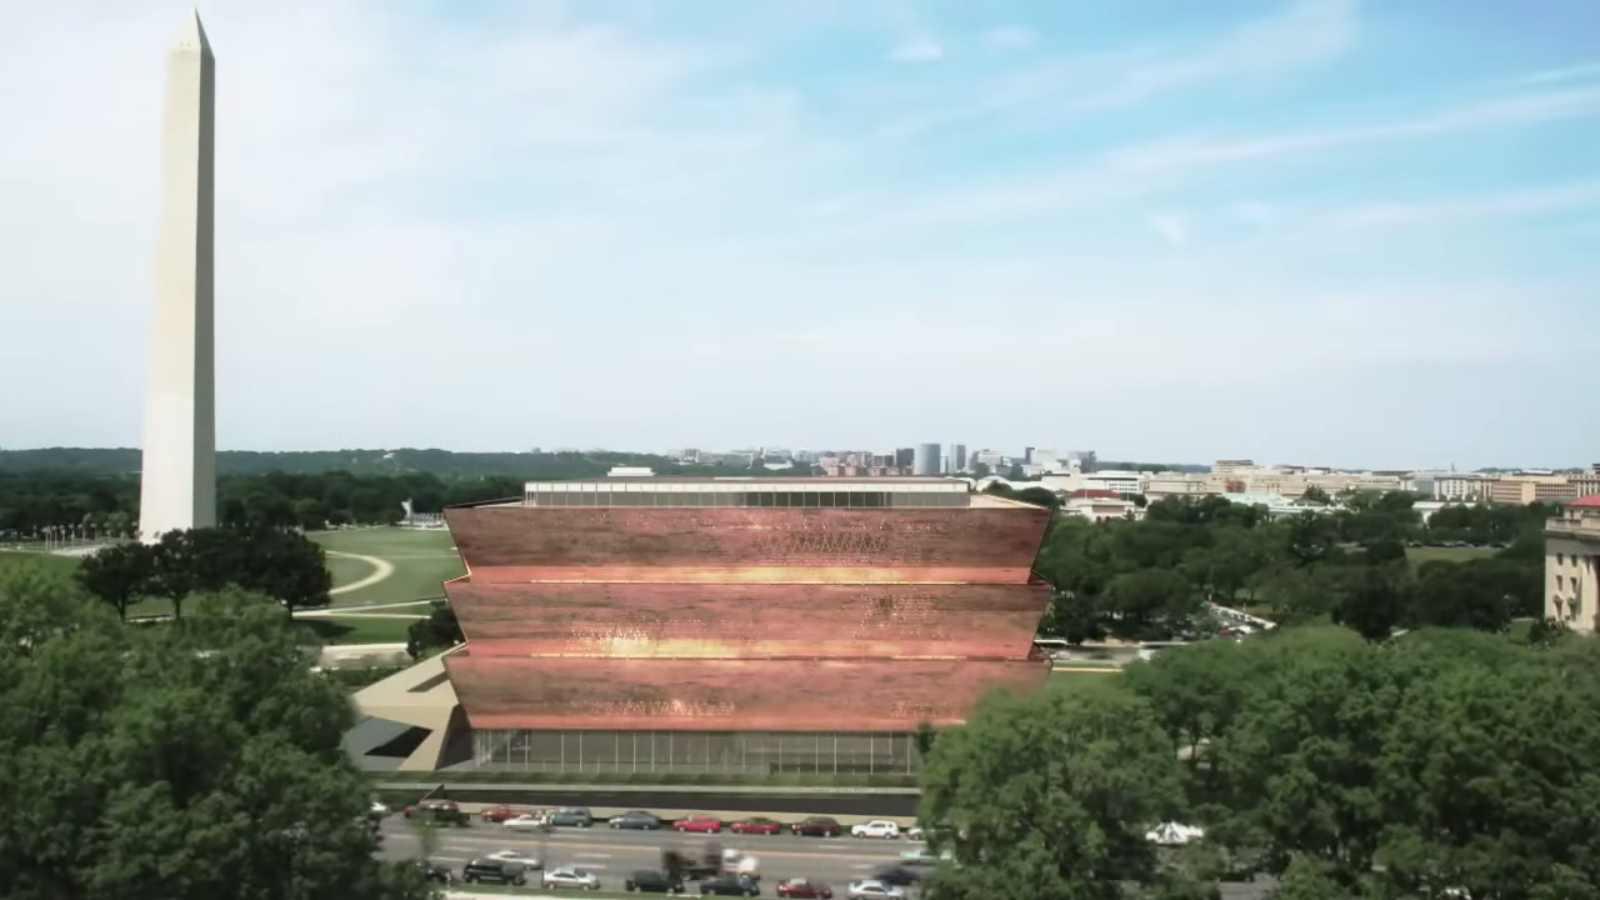 fotó: http://nmaahc.si.edu/Building